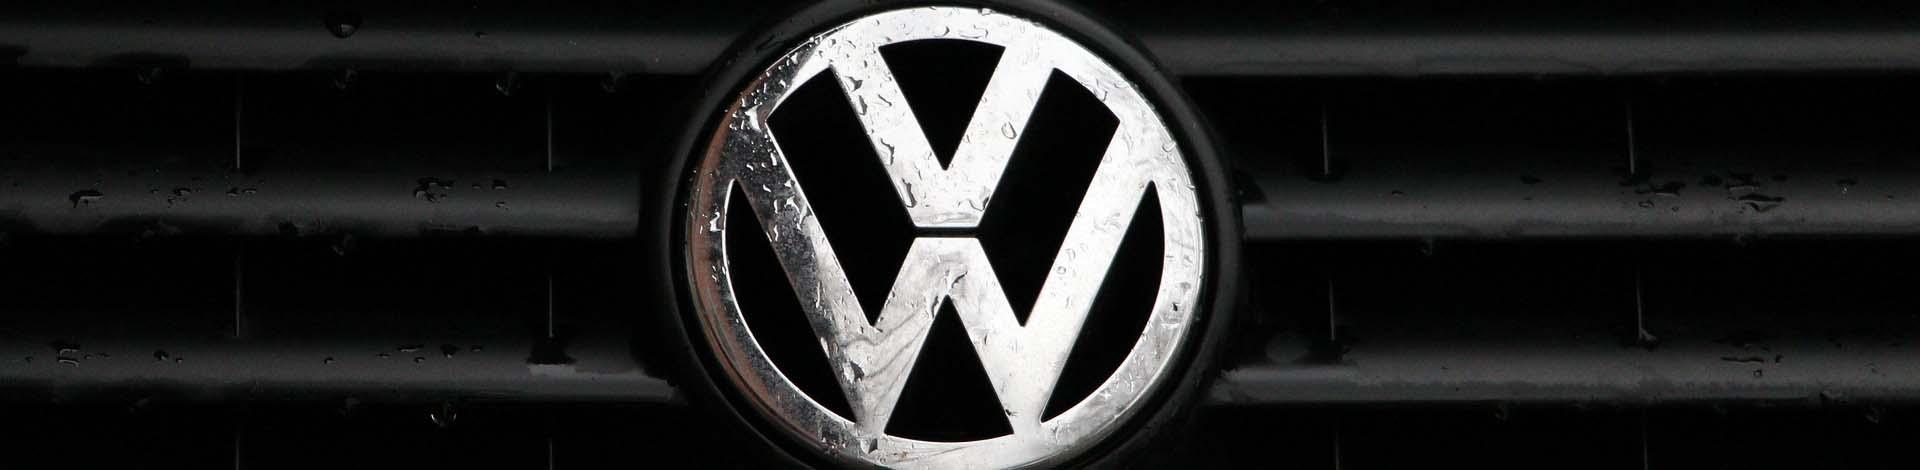 Der VW-Konzern plant ein neues Autowerk zur Produktion des VW Passat und Skoda Superb. Möglicher Produktionsort: Izmir in der Türkei. Angesicht des völkerrechtswidrigen Einmarsches der türkischen Armee in Syrien ruft die in Frankfurt/M. ansässige Internationale Gesellschaft für Menschenrechte (IGFM) den VW Aufsichtsrat dazu auf, sich eindeutig von diesen Investitionsplänen zu distanzieren